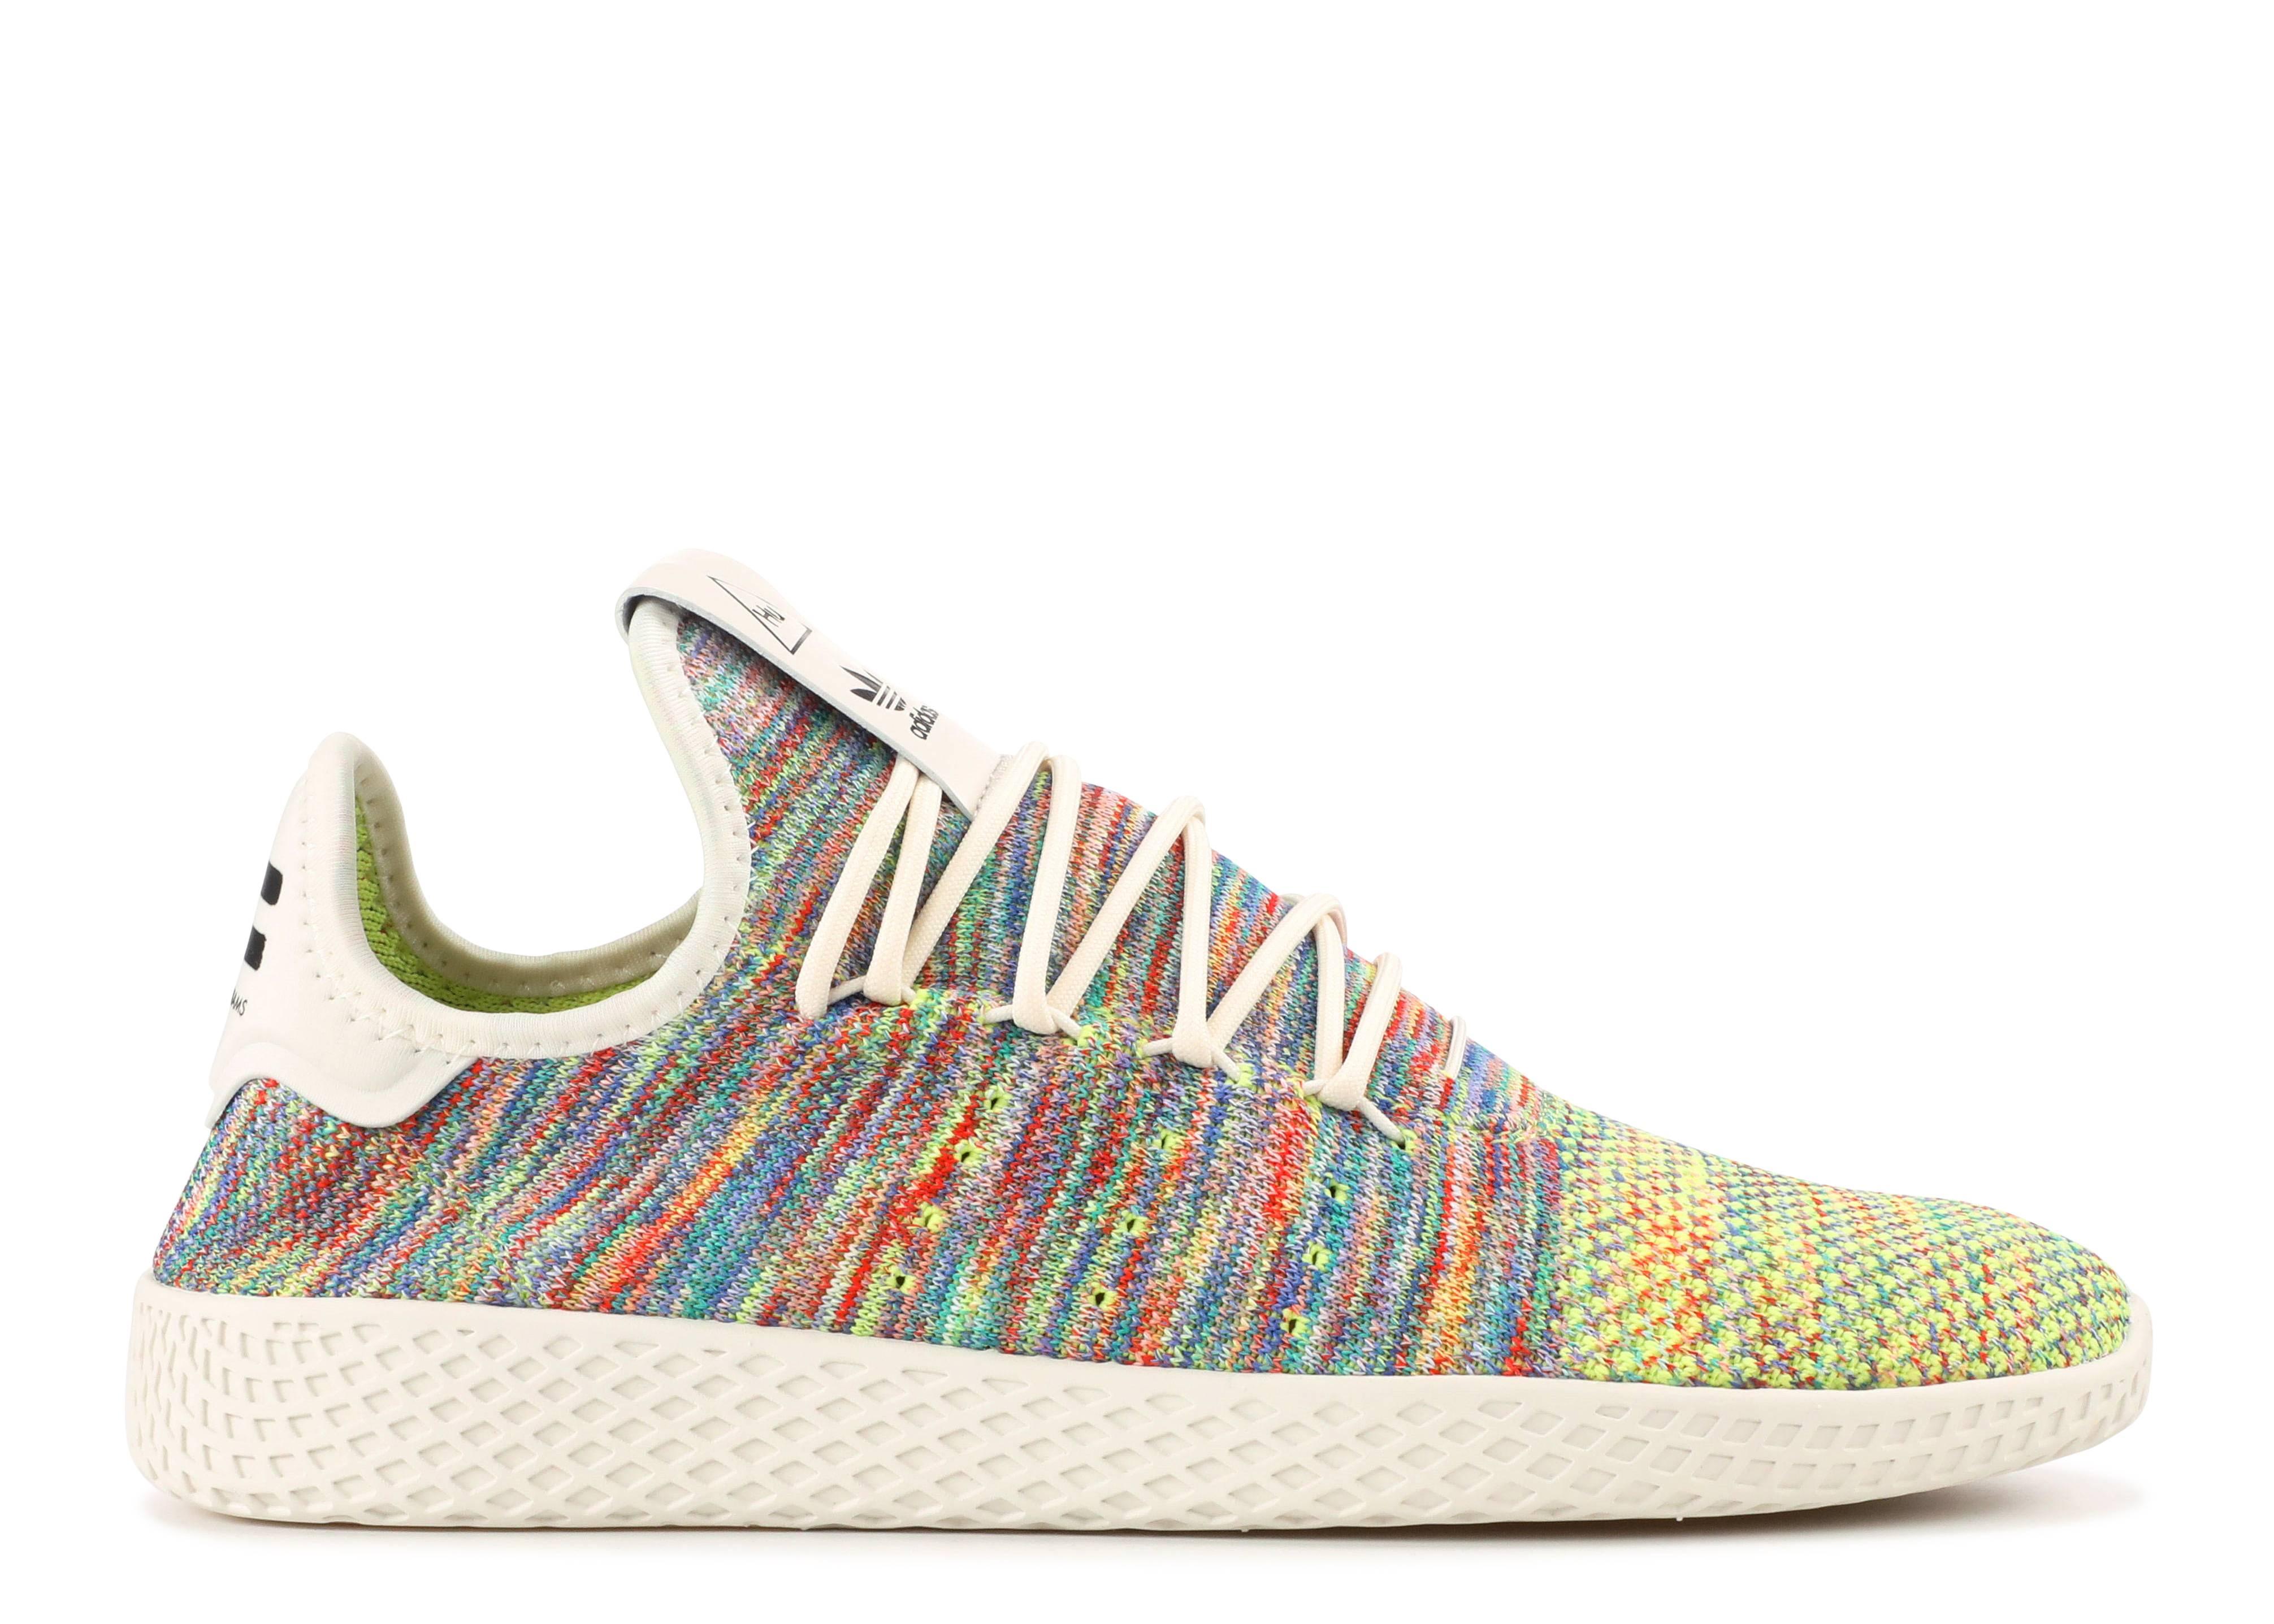 5d20353d2 PW Tennis Hu Pk - Adidas - cq2631 - multi-color multi-color